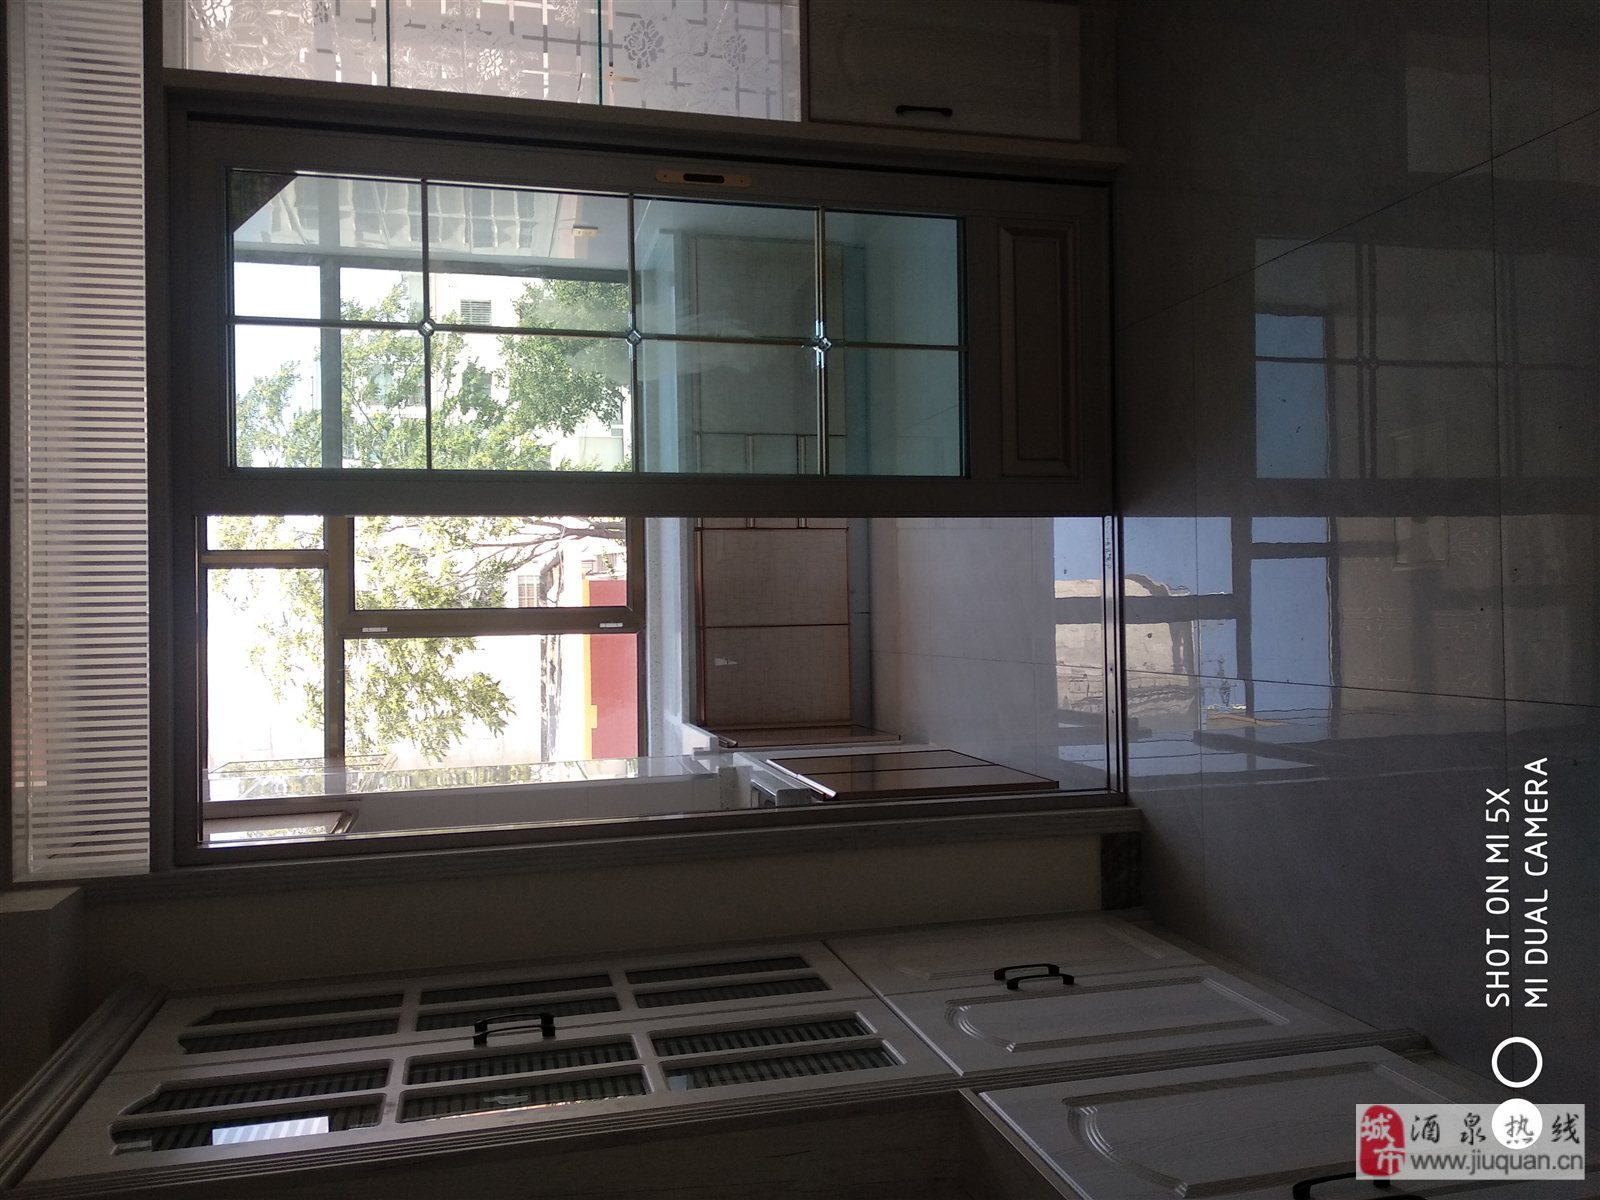 汉王酒店附近精装地暖房2室 1厅 1卫31.8万元